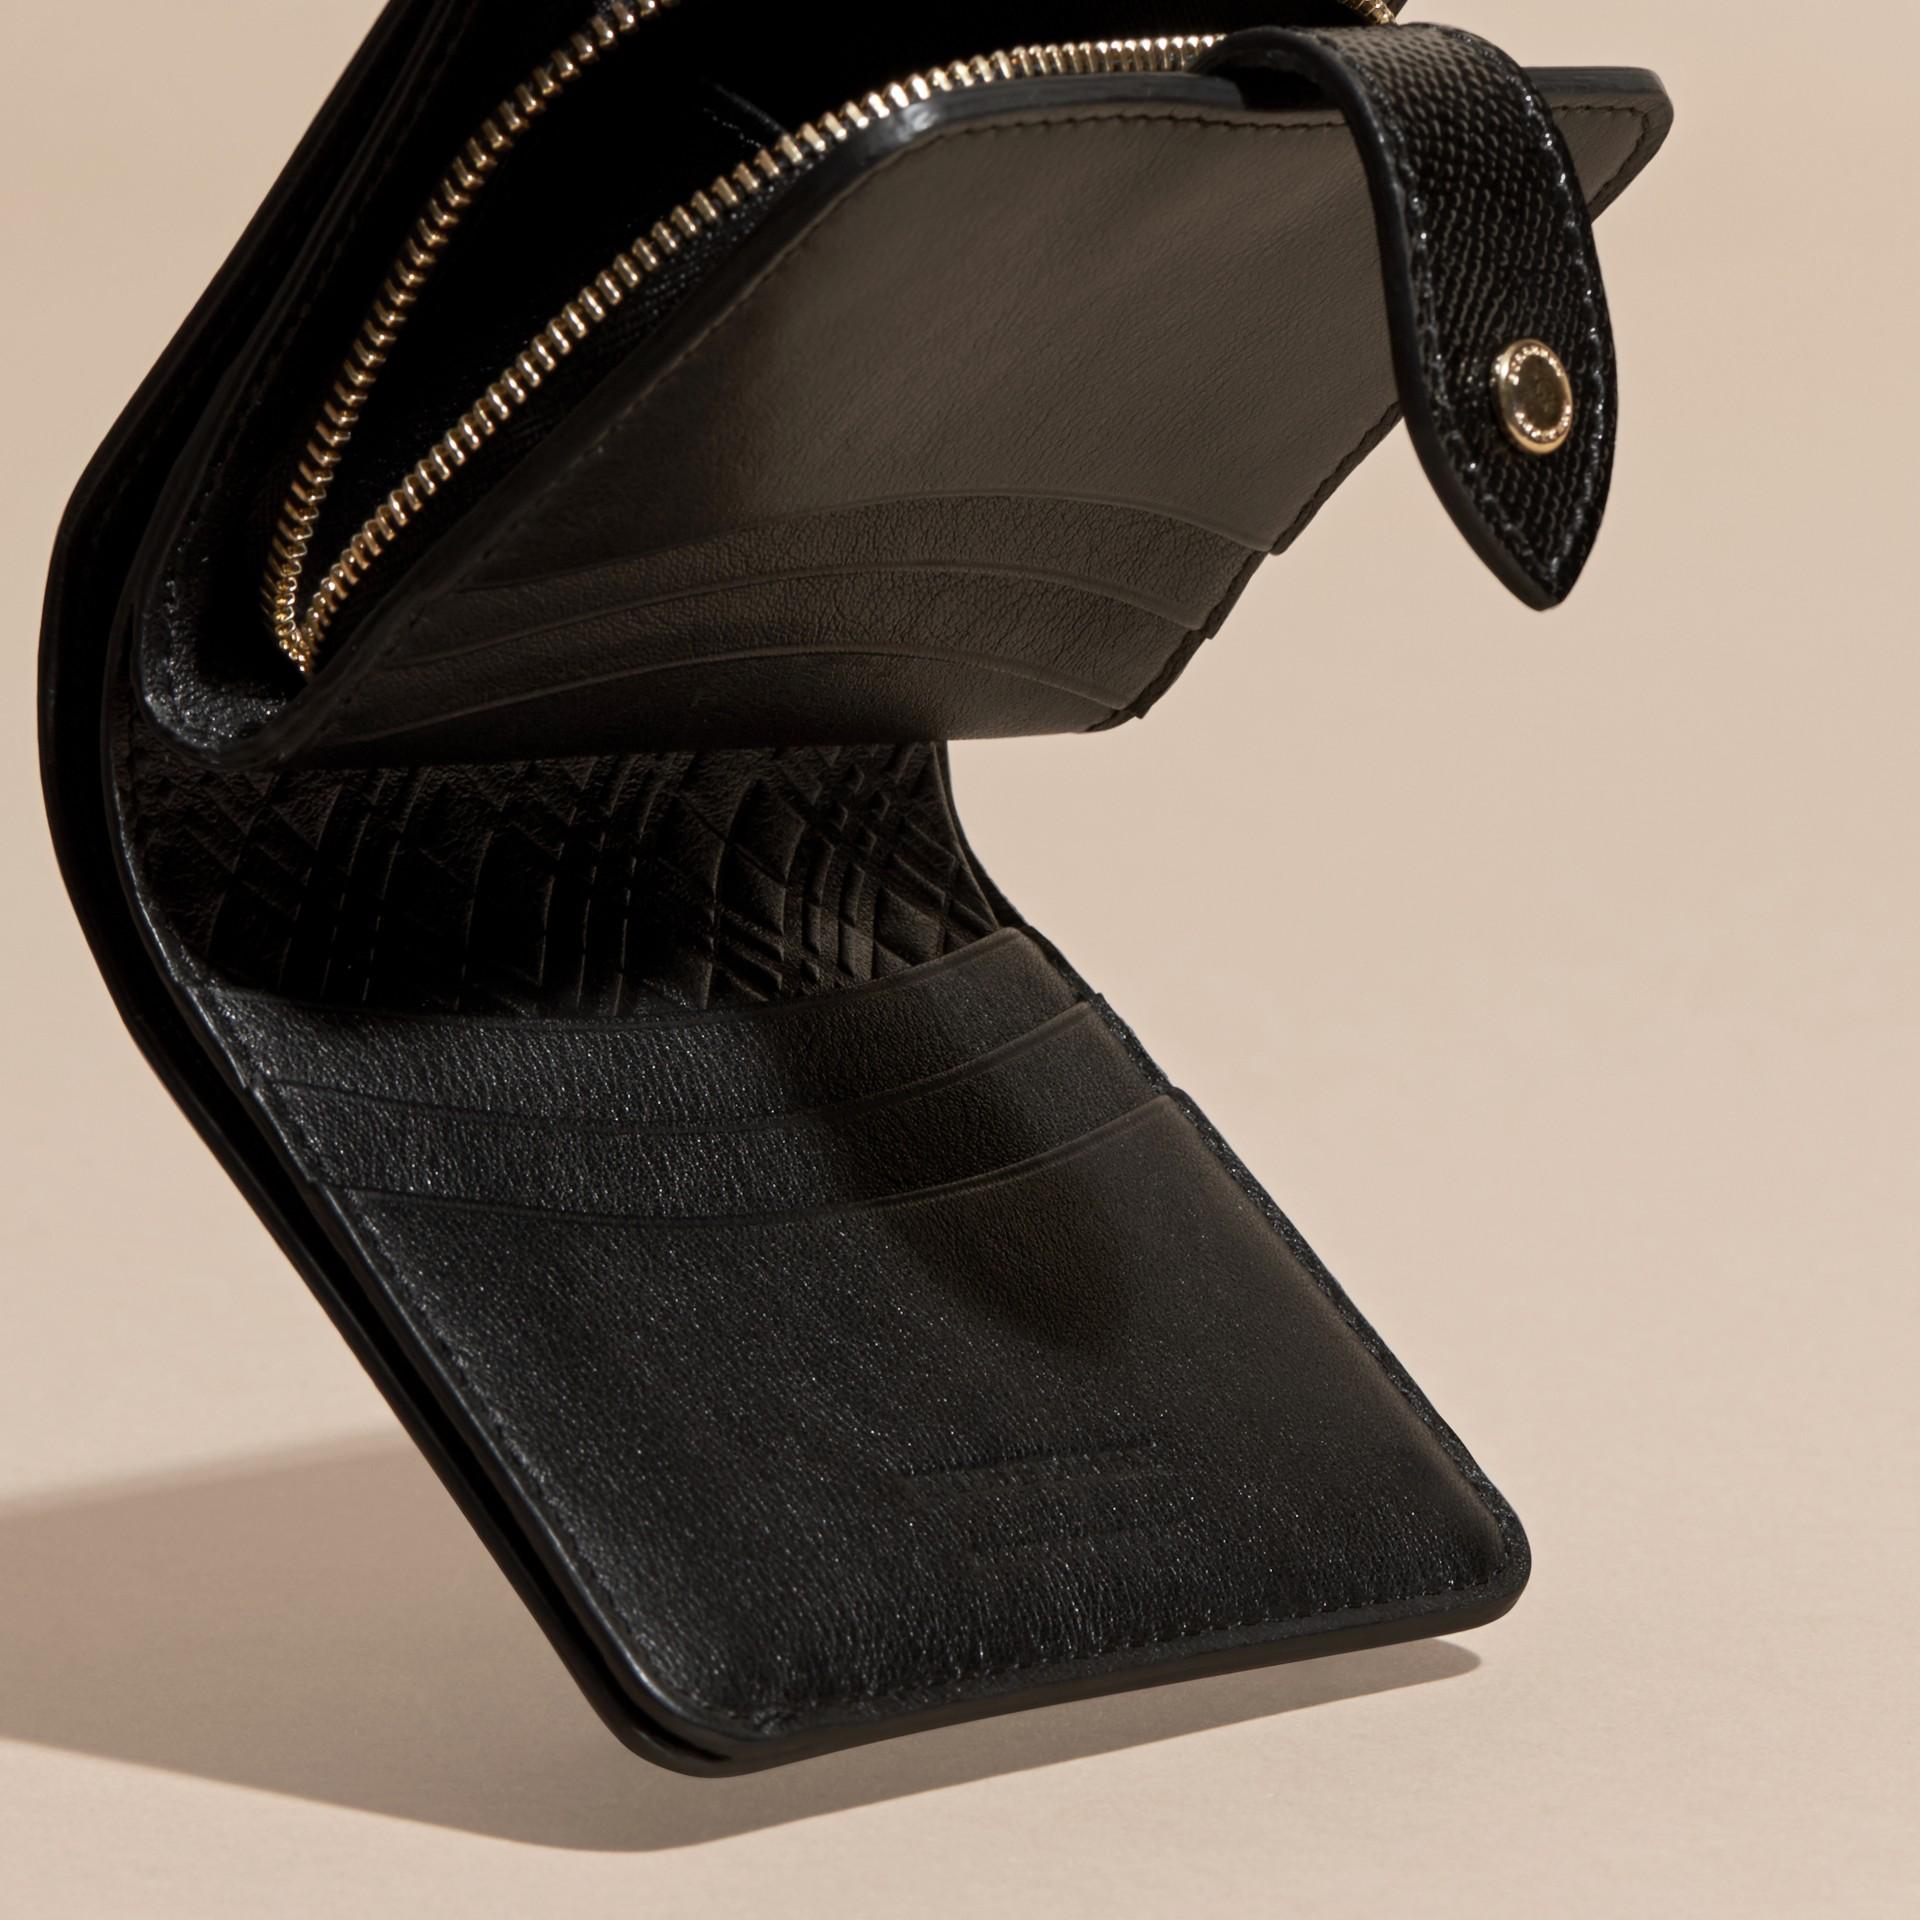 Nero Portafoglio in pelle London verniciata Nero - immagine della galleria 5